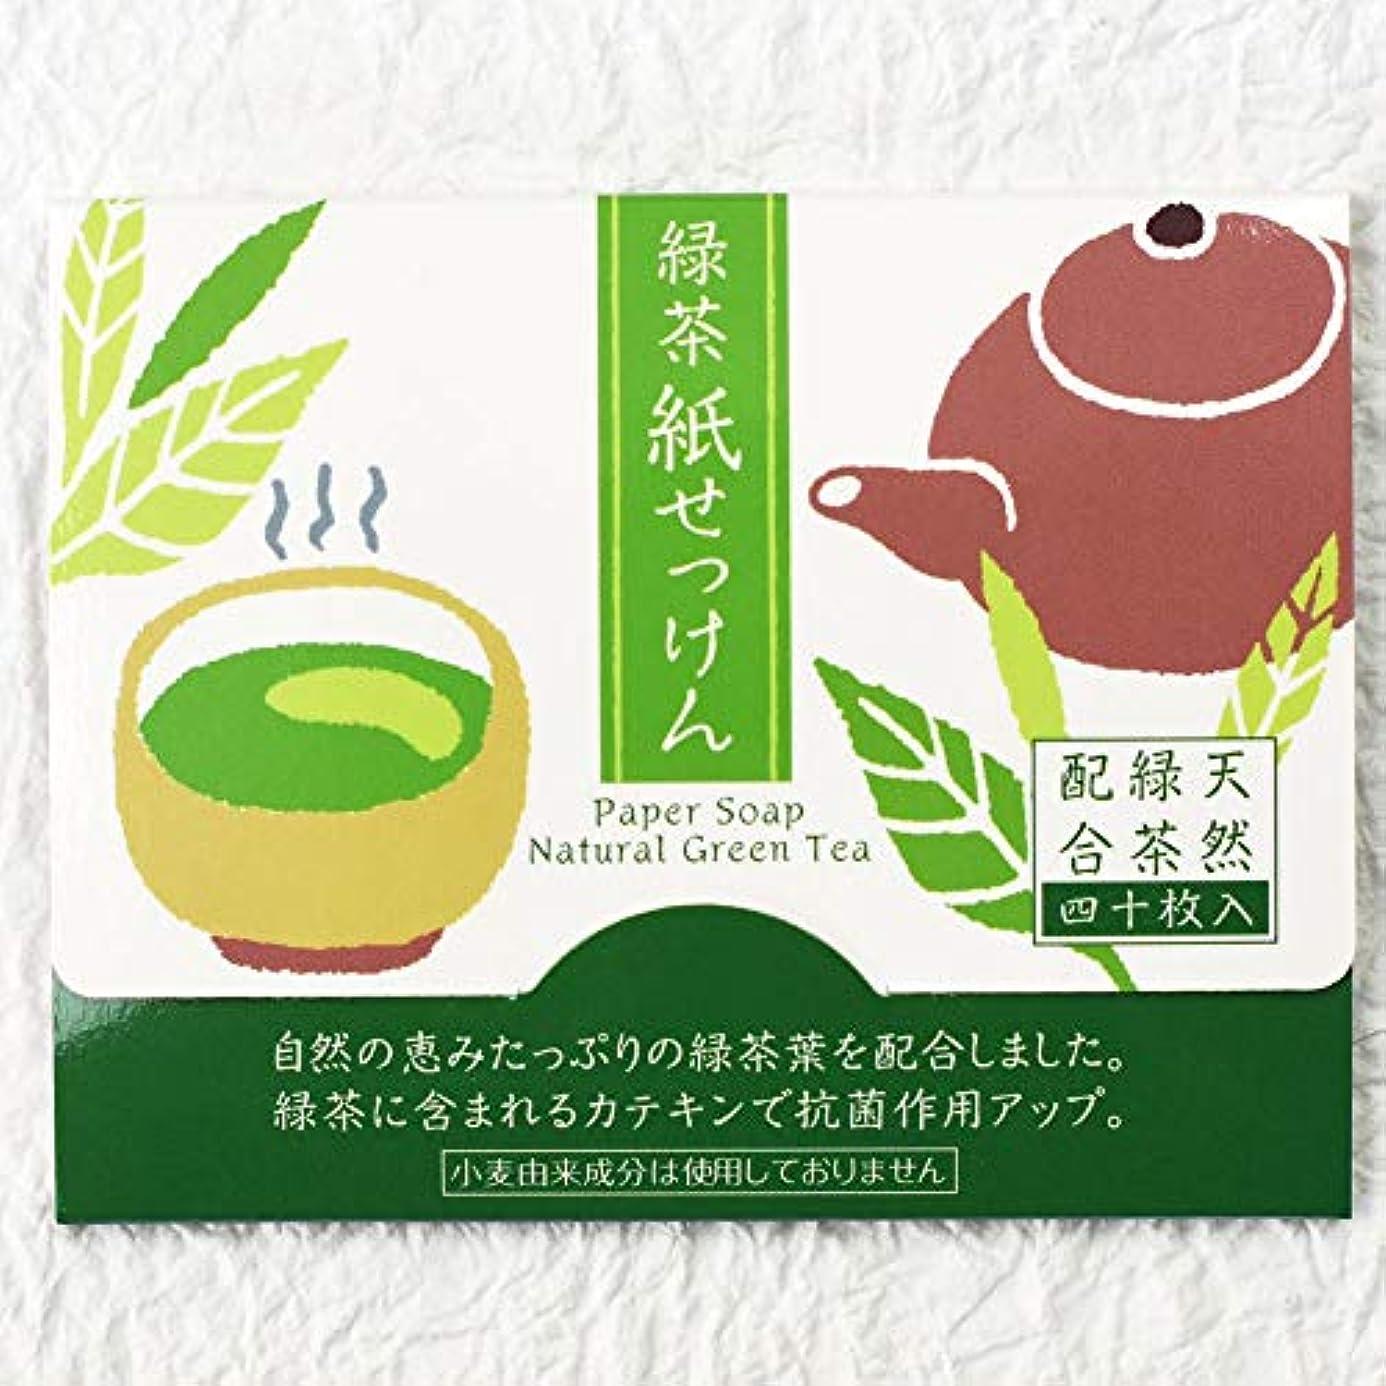 少し子供達ダッシュ表現社 紙せっけん 天然緑茶配合 22-289